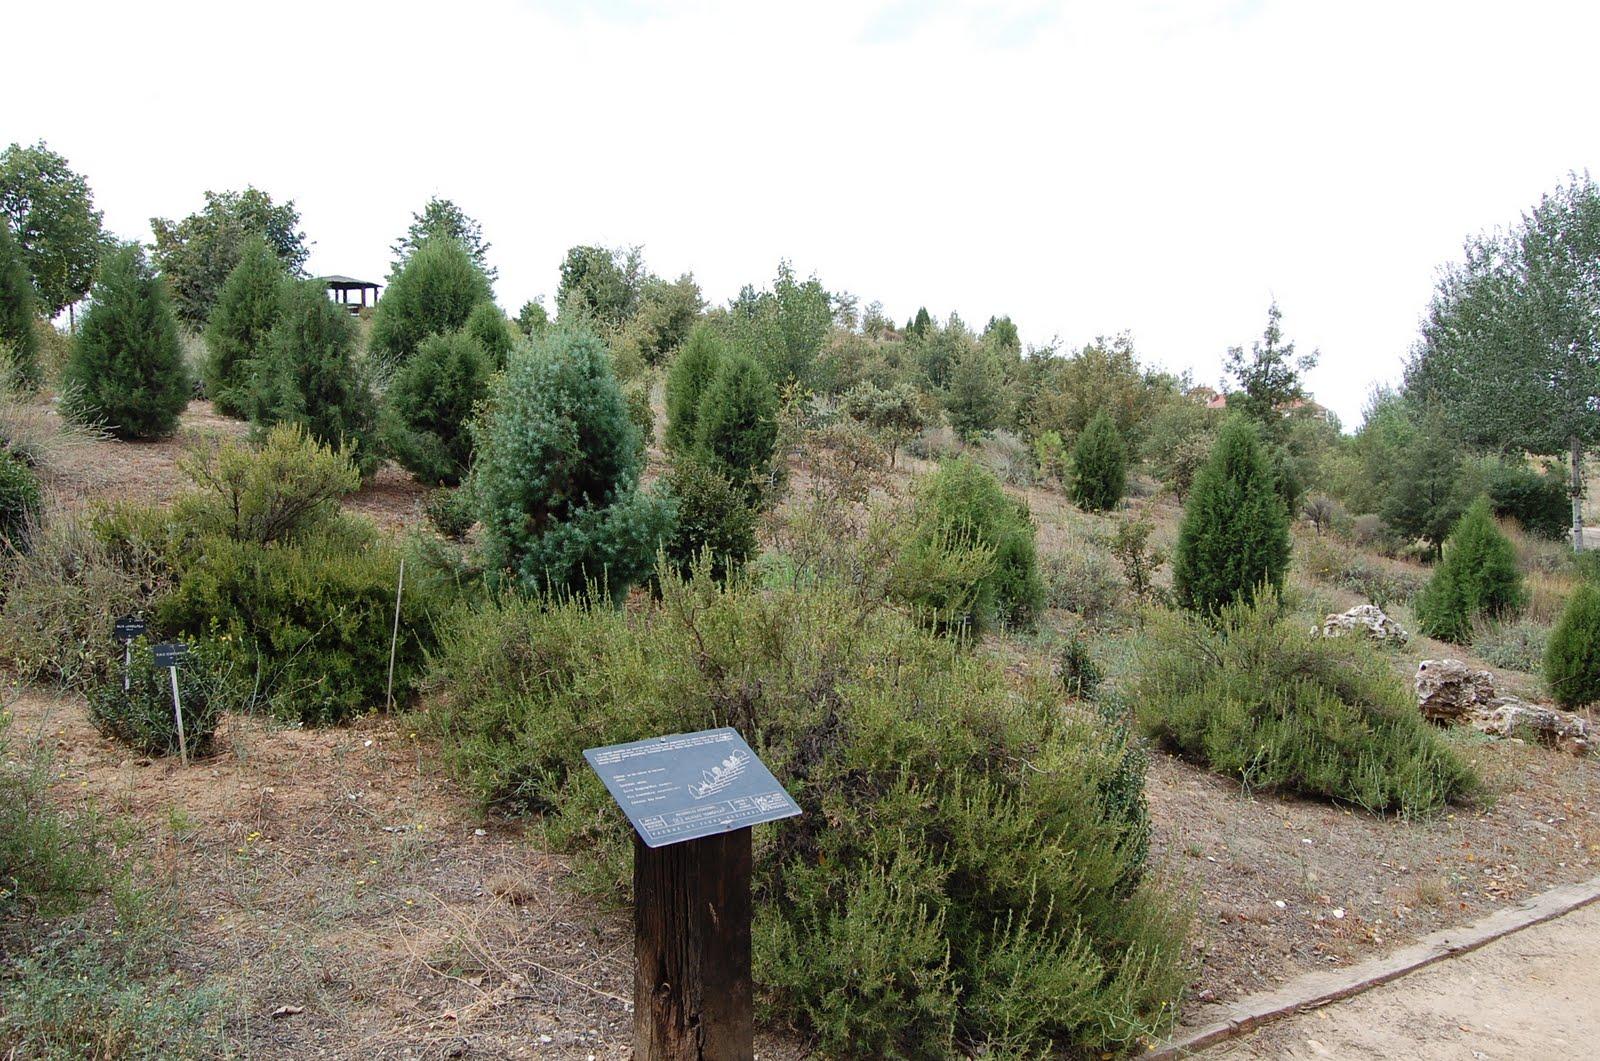 Jard n bot nico de alcal de henares su historia for Caracteristicas de un jardin botanico